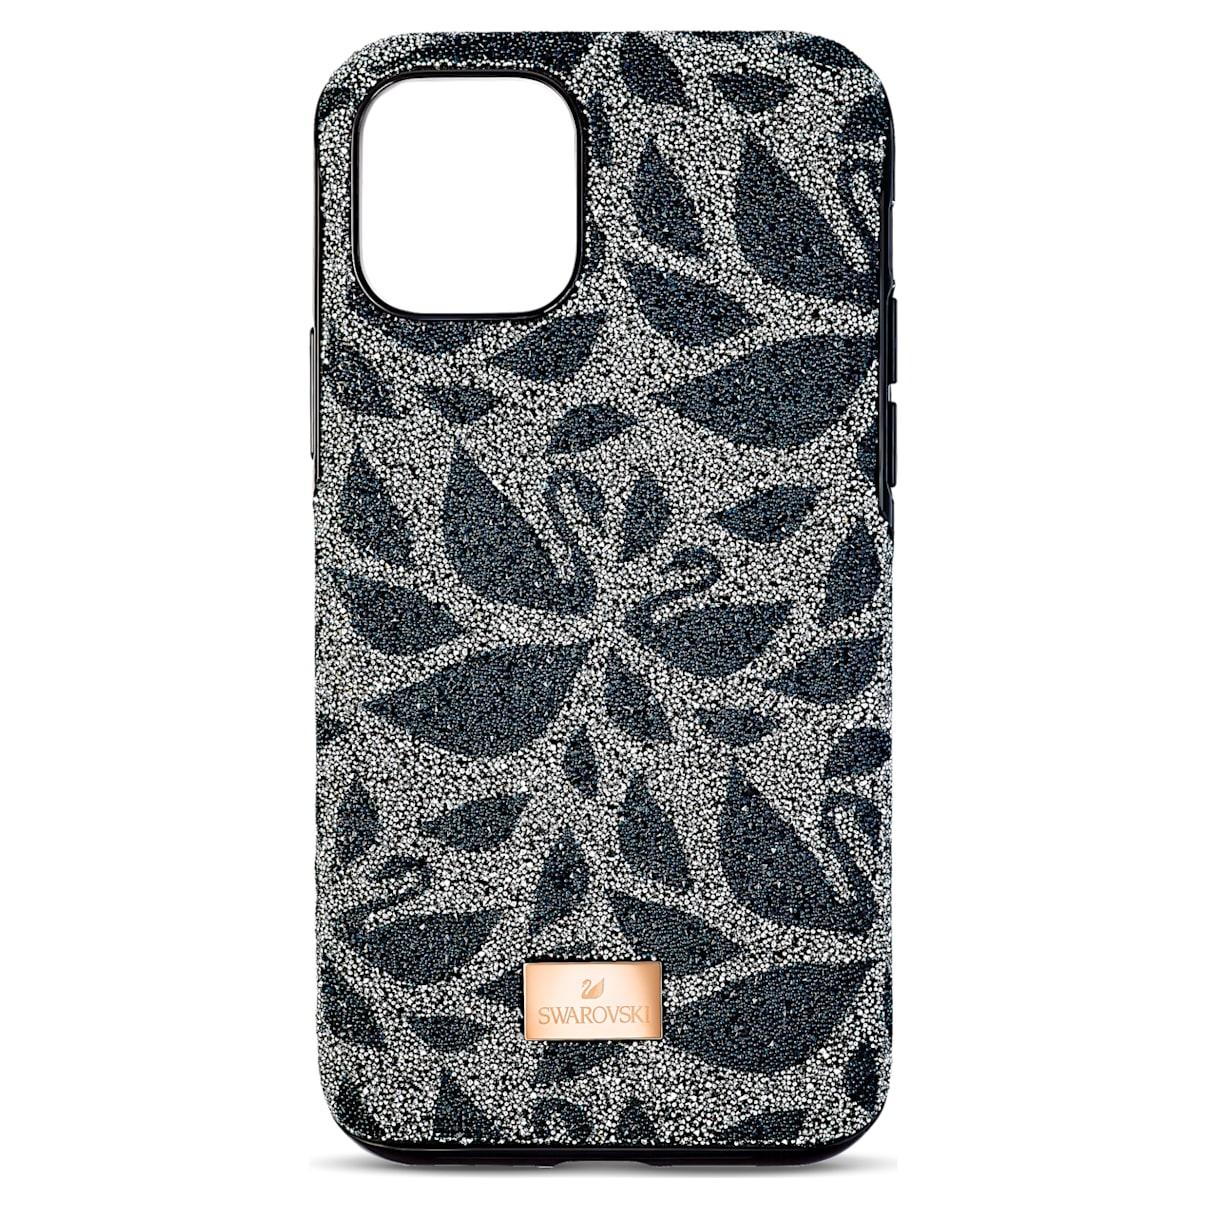 Custodia per smartphone con bordi protettivi Swarovski Swanflower, iPhone® 11 Pro Max, nero